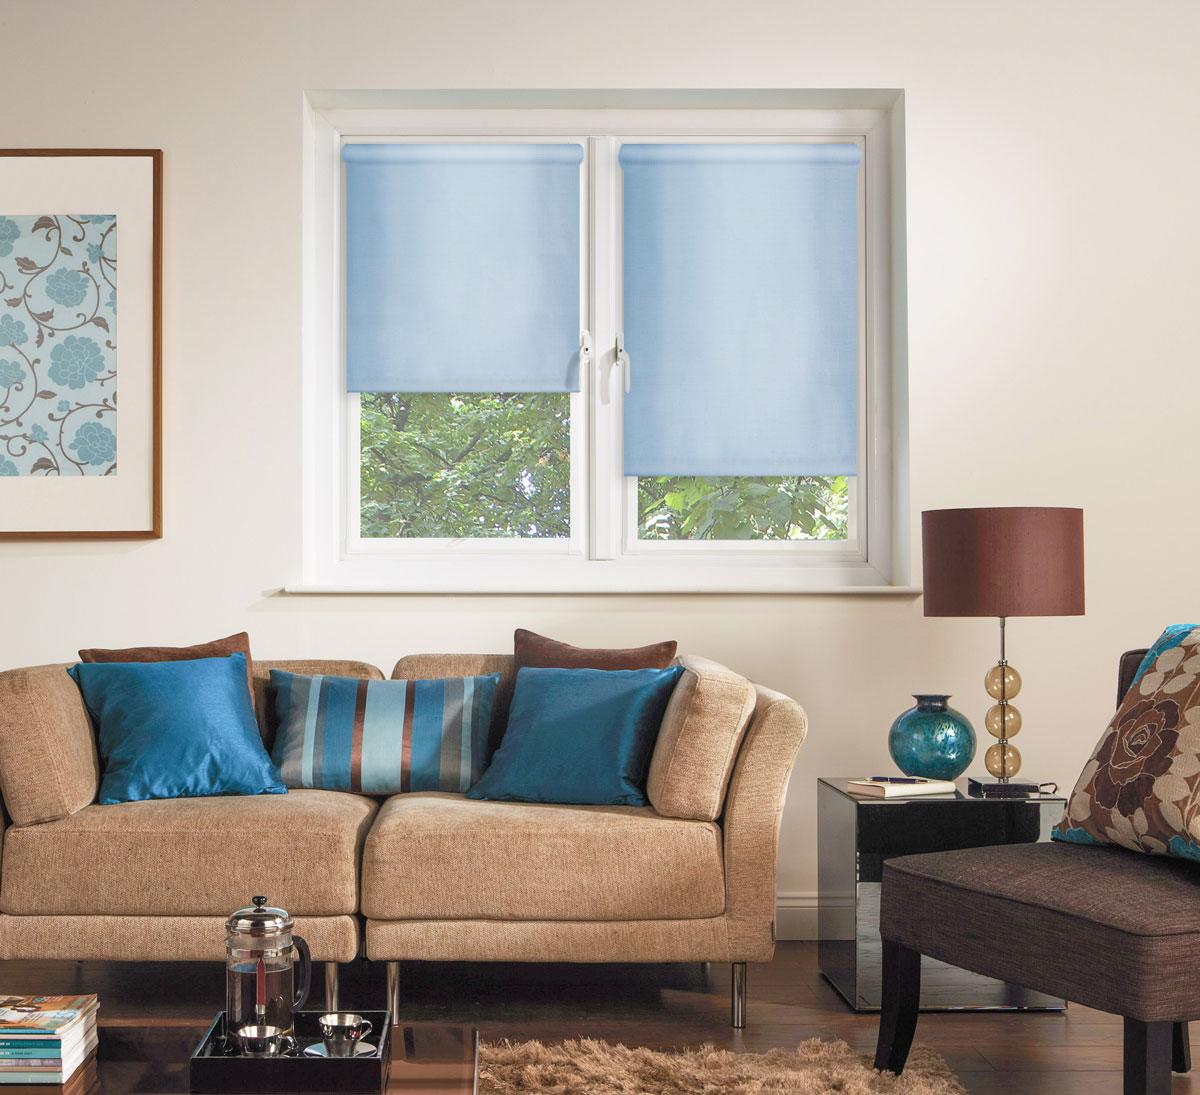 Штора рулонная KauffOrt Миниролло, цвет: голубой, ширина 43 см, высота 170 см3043005Рулонная штора Миниролло выполнена из высокопрочной ткани, которая сохраняет свой размер даже при намокании. Ткань не выцветает и обладает отличной цветоустойчивостью. Миниролло - это подвид рулонных штор, который закрывает не весь оконный проем, а непосредственно само стекло. Такие шторы крепятся на раму без сверления при помощи зажимов или клейкой двухсторонней ленты (в компекте). Окно остается на гарантии, благодаря монтажу без сверления. Такая штора станет прекрасным элементом декора окна и гармонично впишется в интерьер любого помещения.